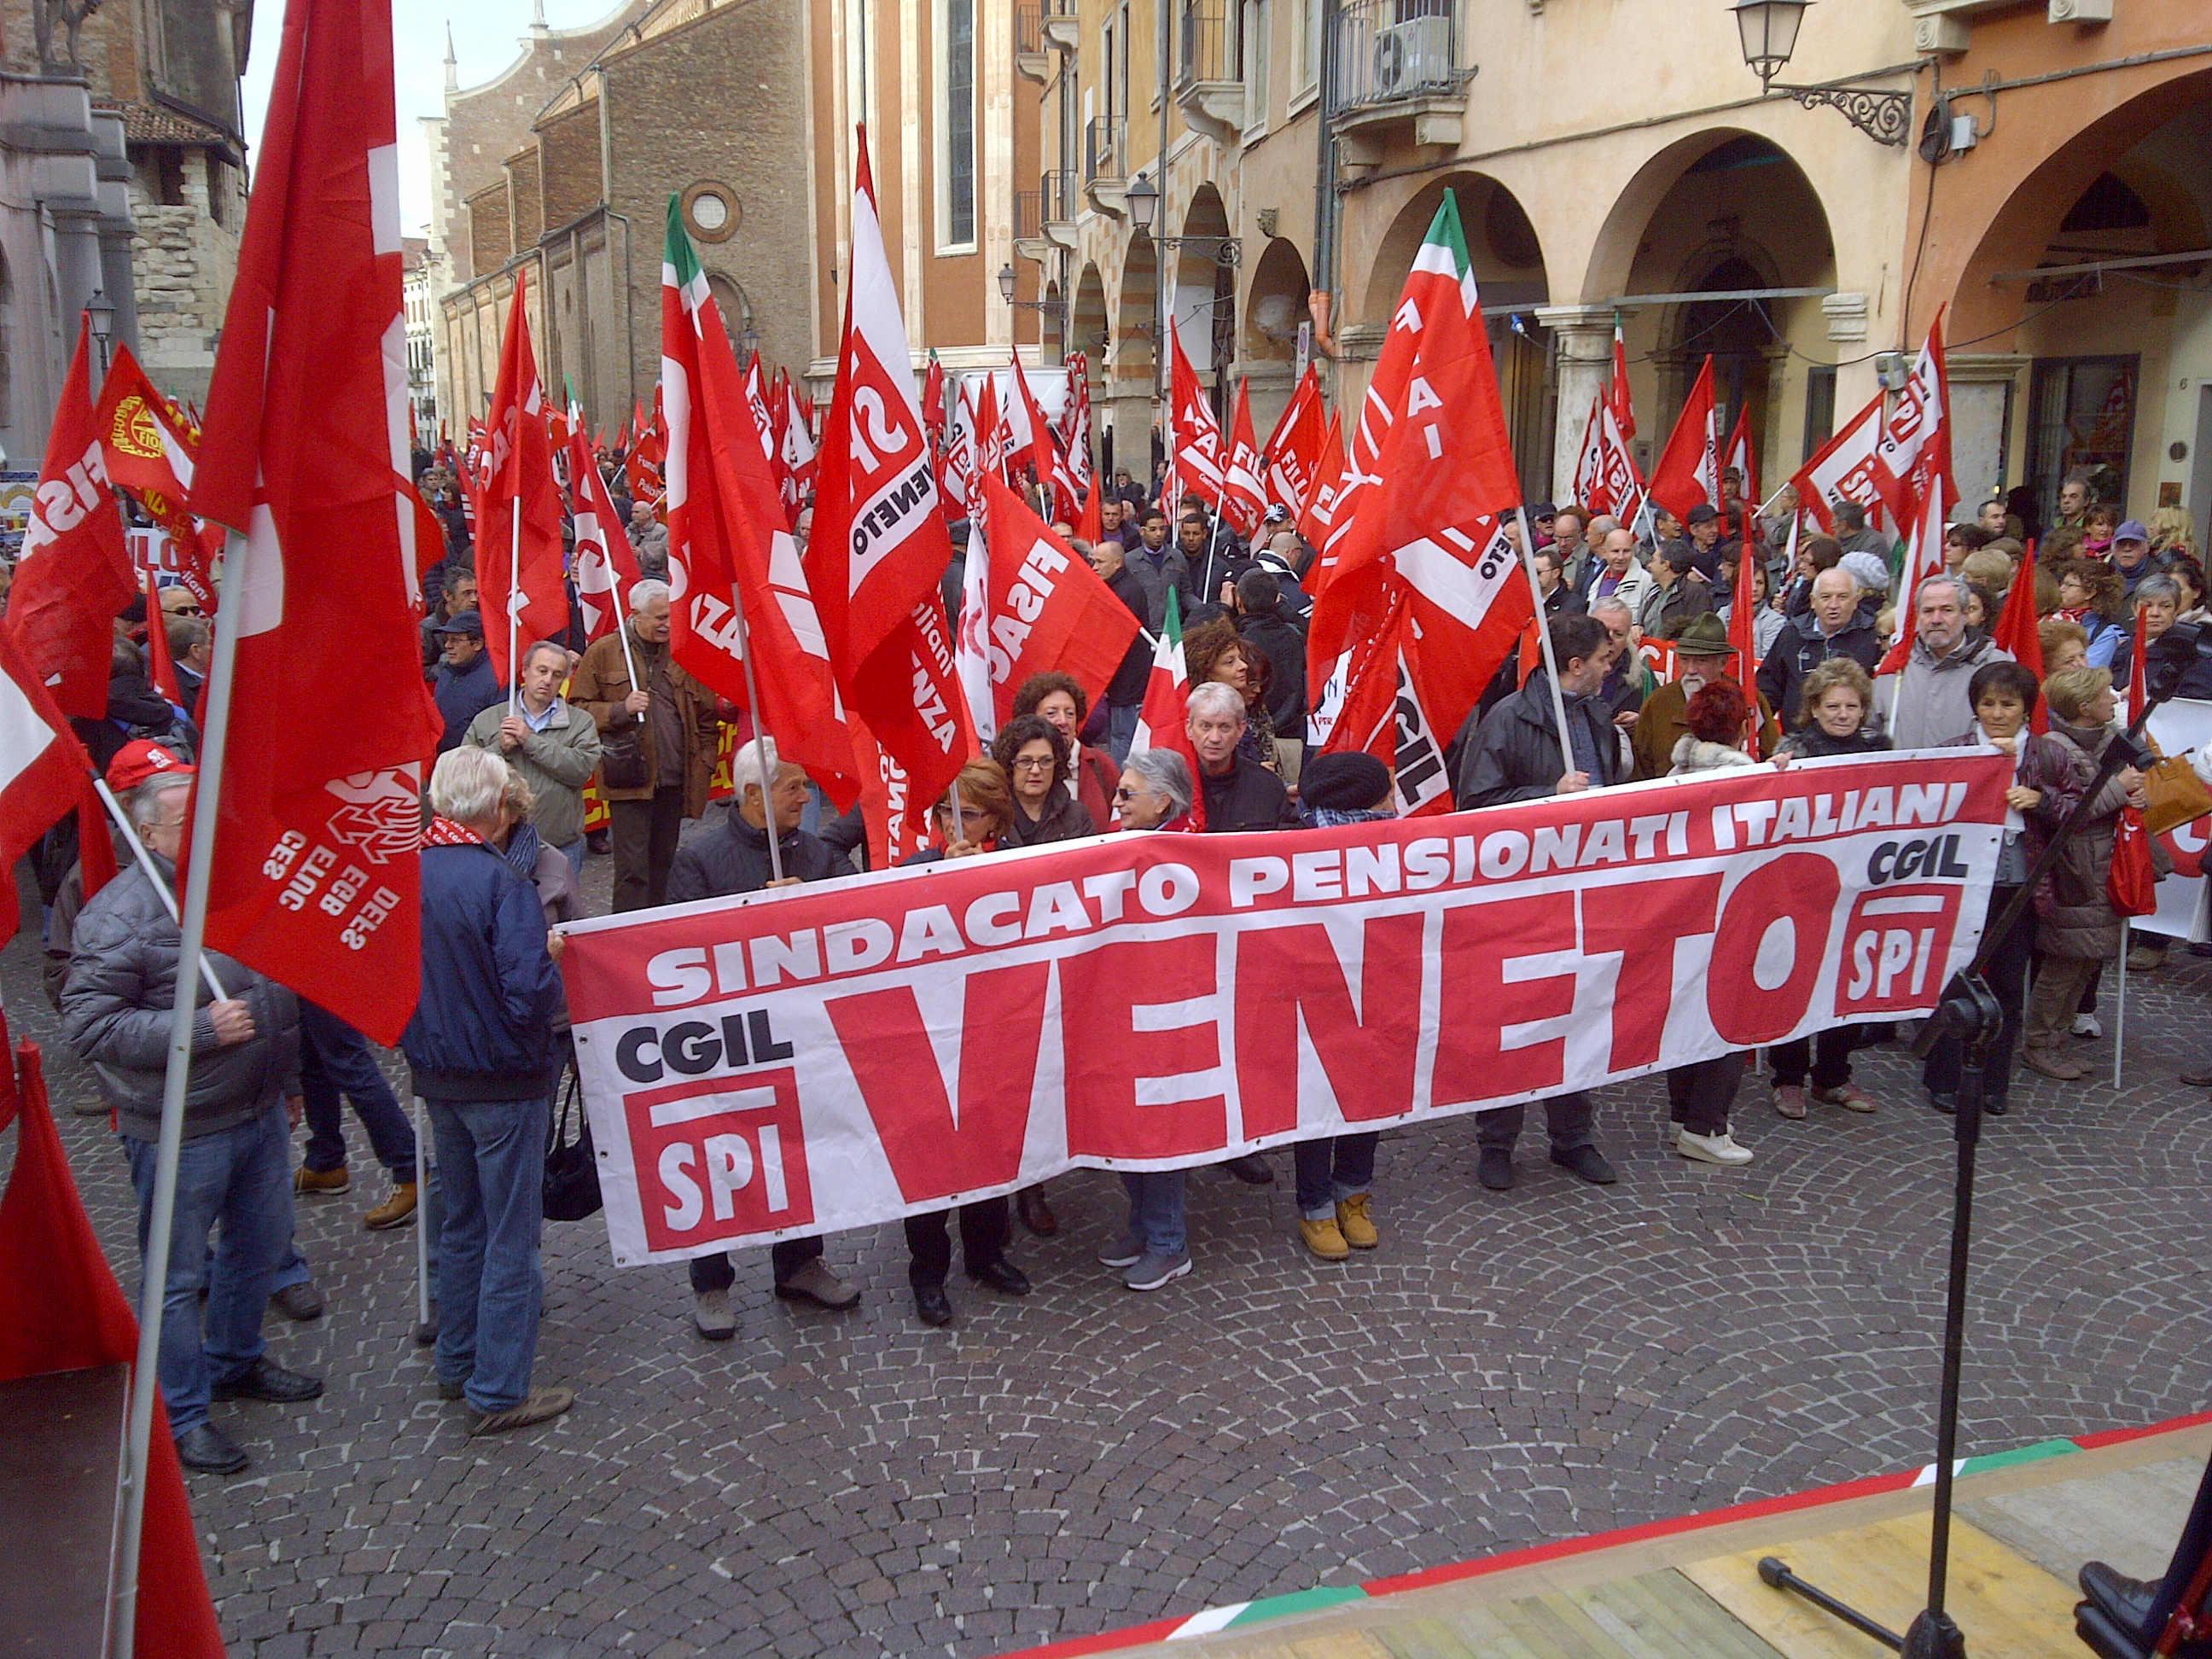 Spi Cgil Veneto